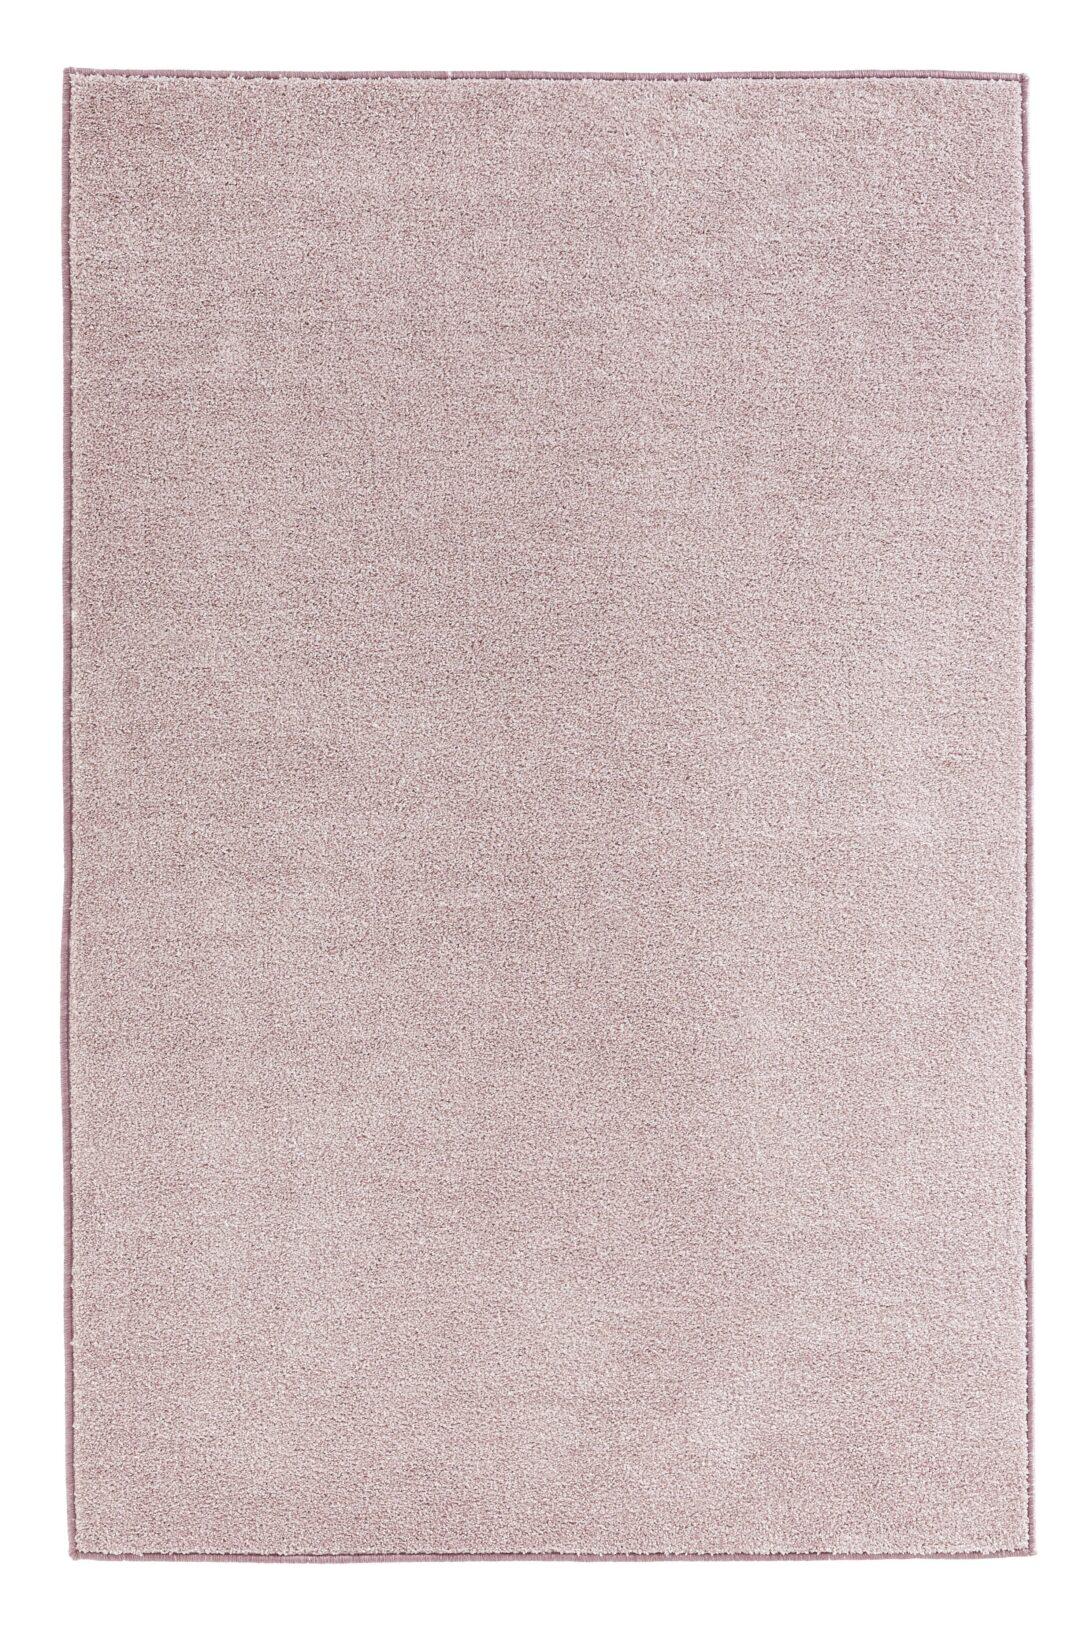 Large Size of Hanse Home Teppich Pure In Rosa Bewertungen Wayfairde Schlafzimmer Für Küche Bad Badezimmer Wohnzimmer Steinteppich Teppiche Esstisch Wohnzimmer Teppich 300x400